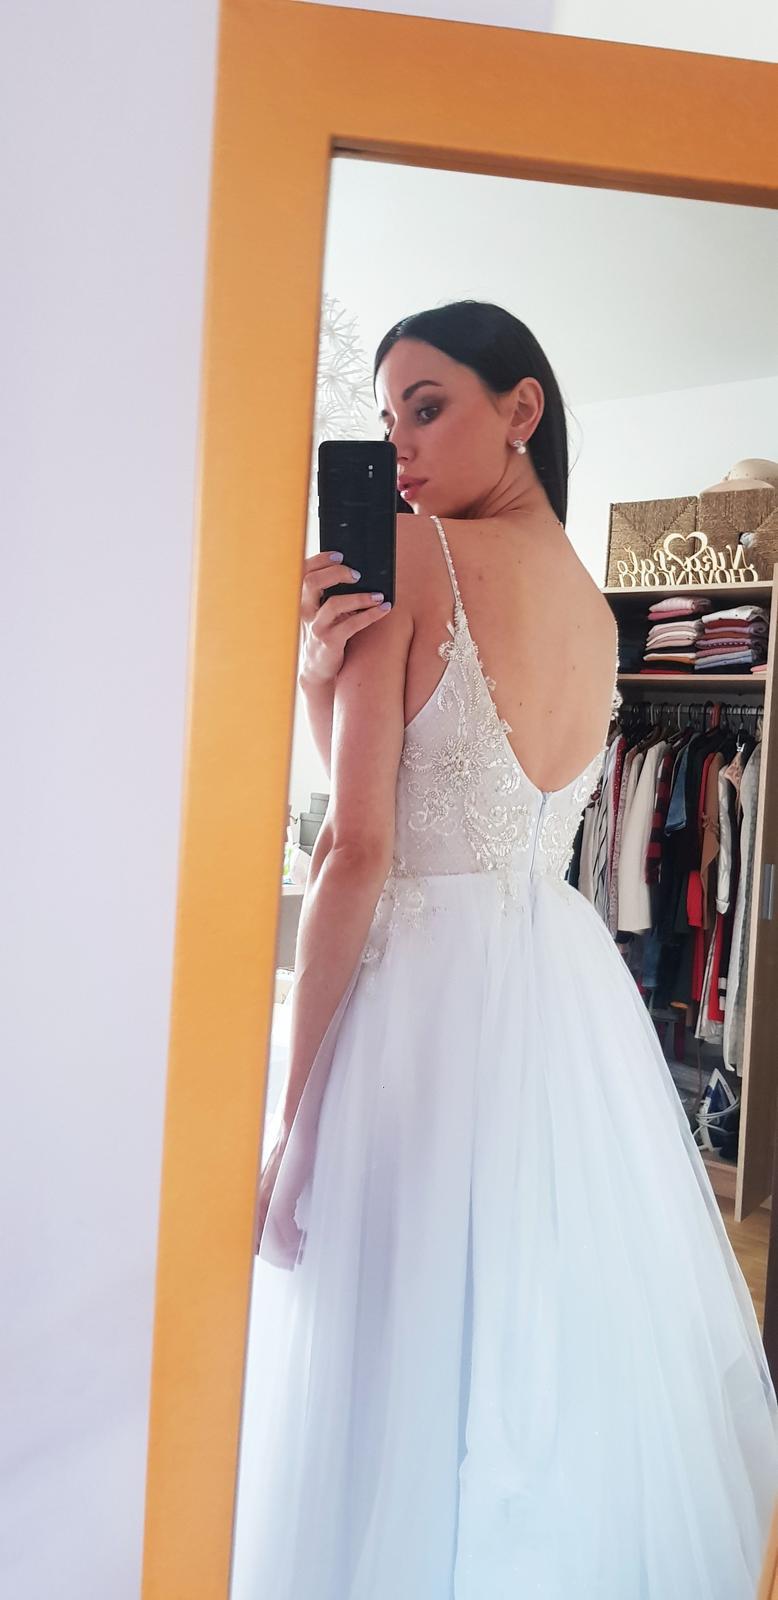 Svadobné šaty s trblietavou bielou sukňou, vyšívané perličkami- 34/36 - Obrázok č. 1